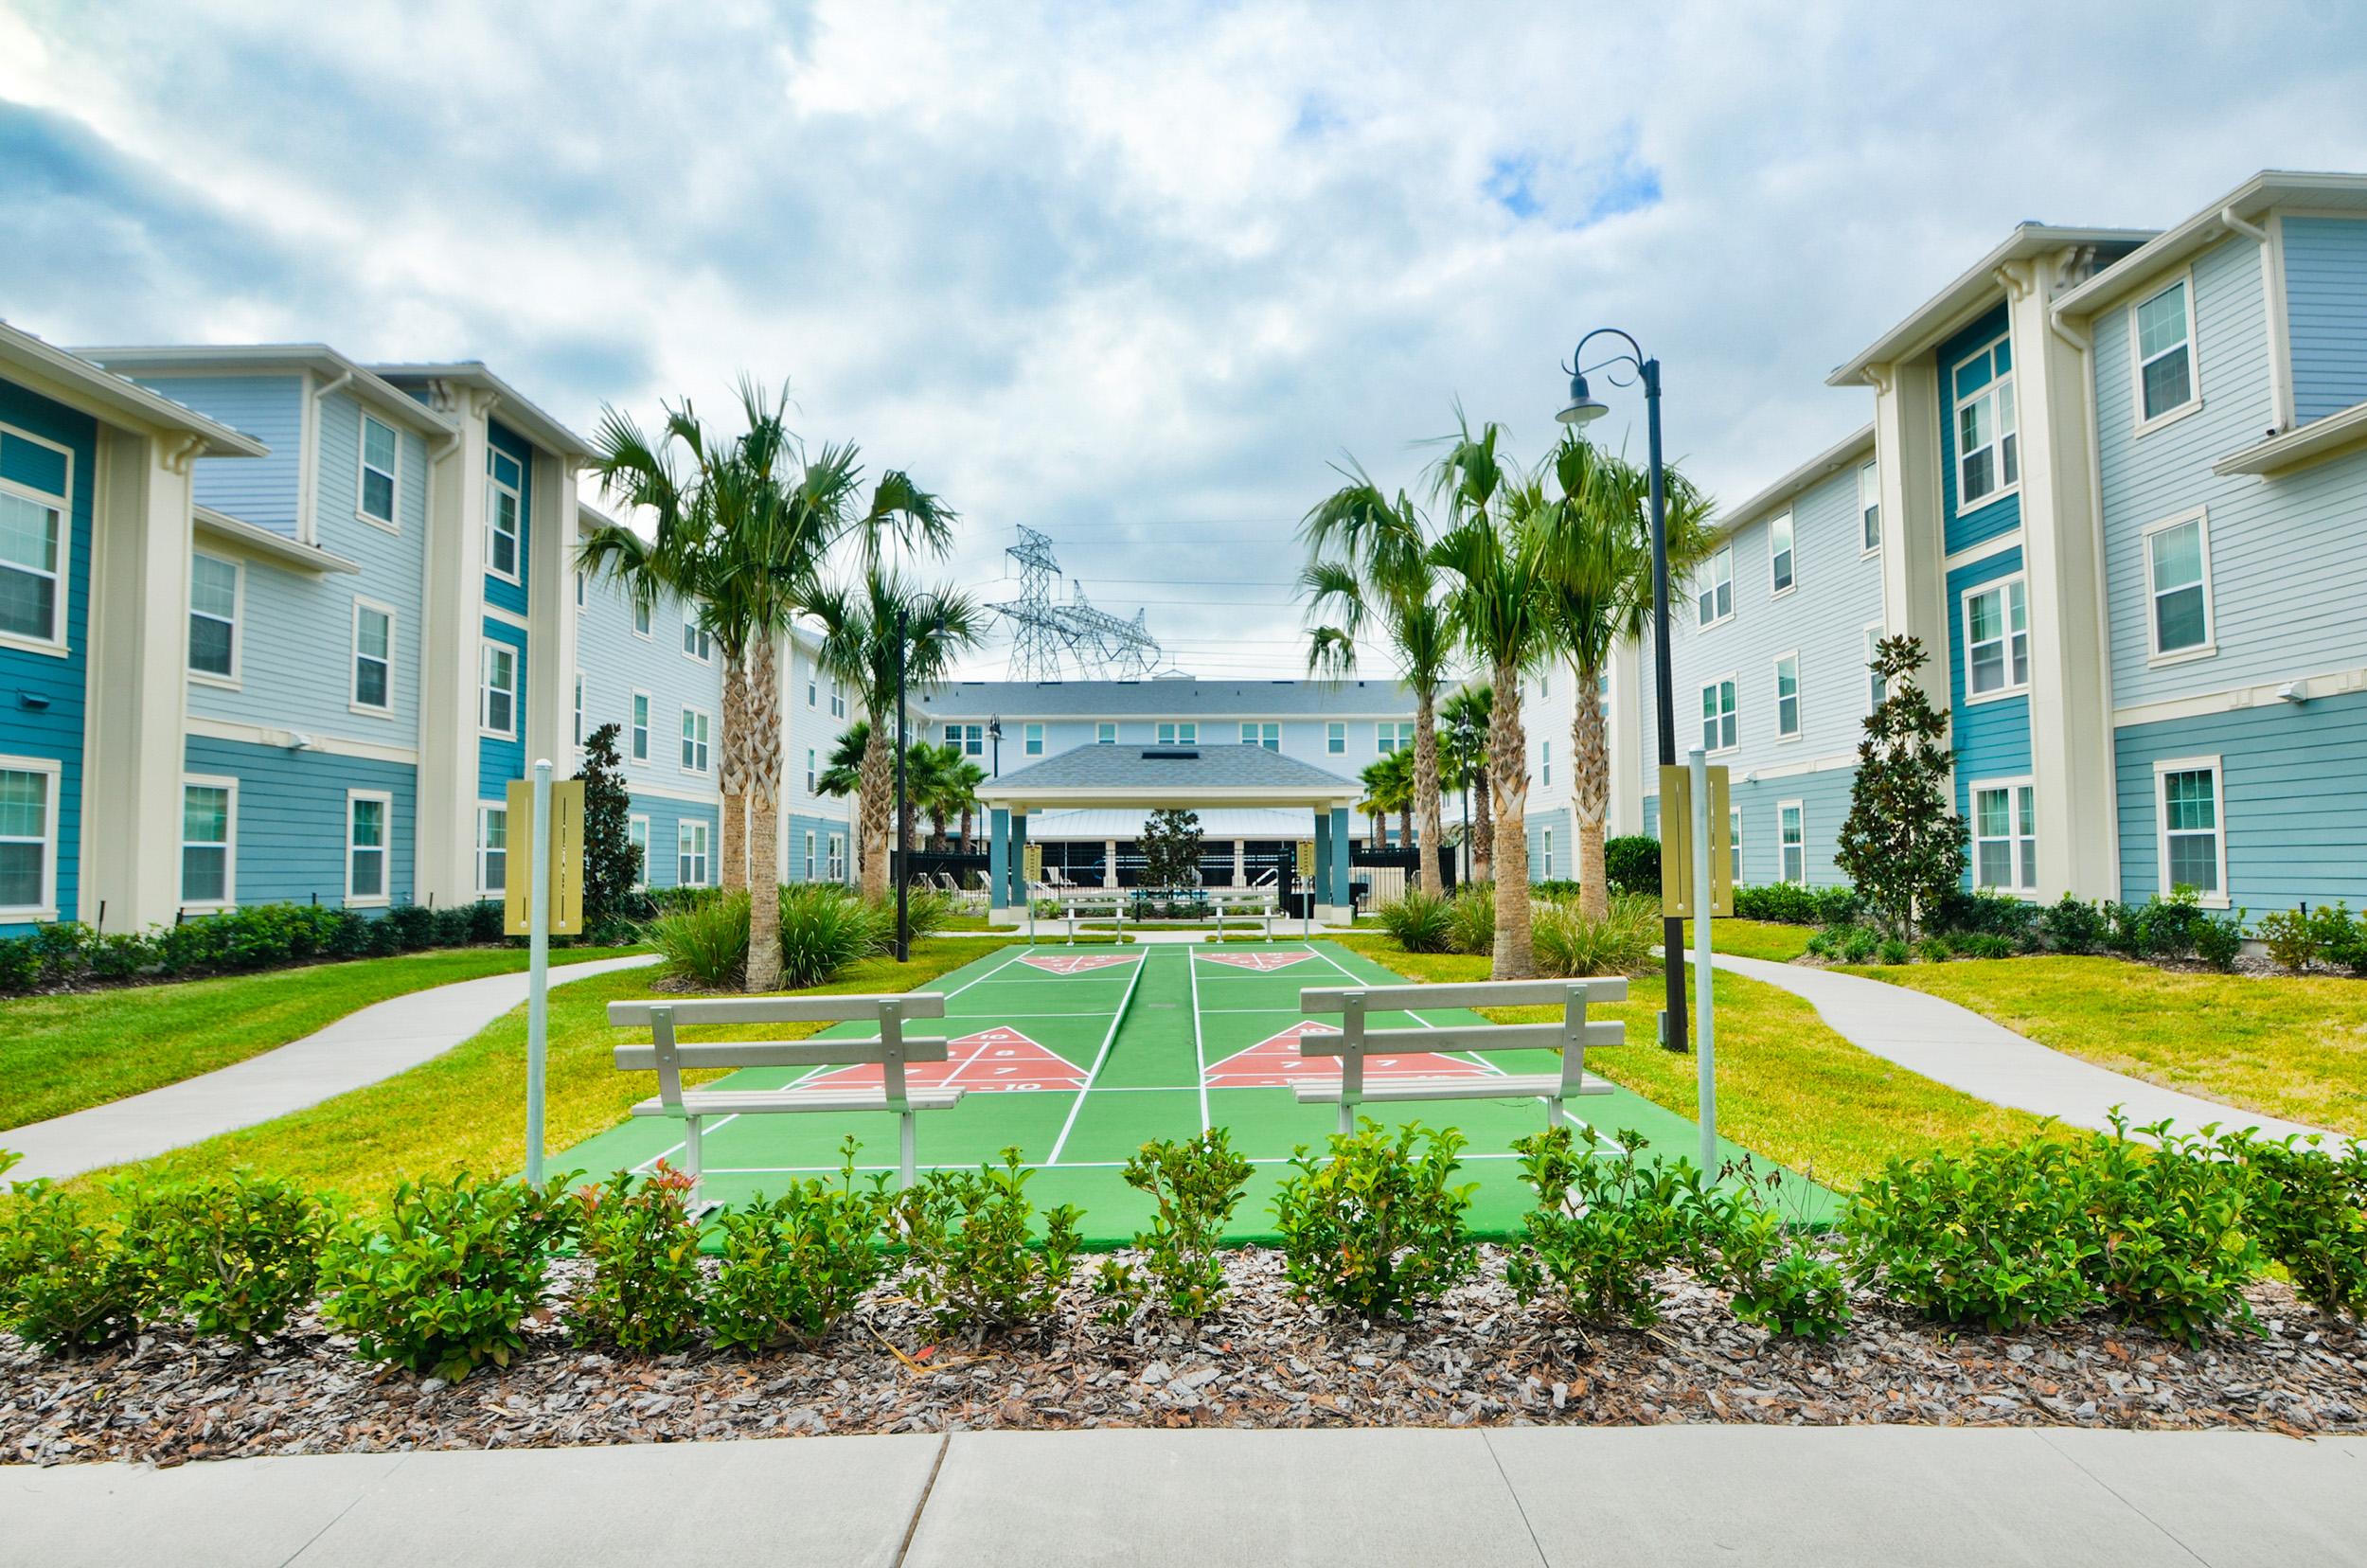 Senior living facility tennis court